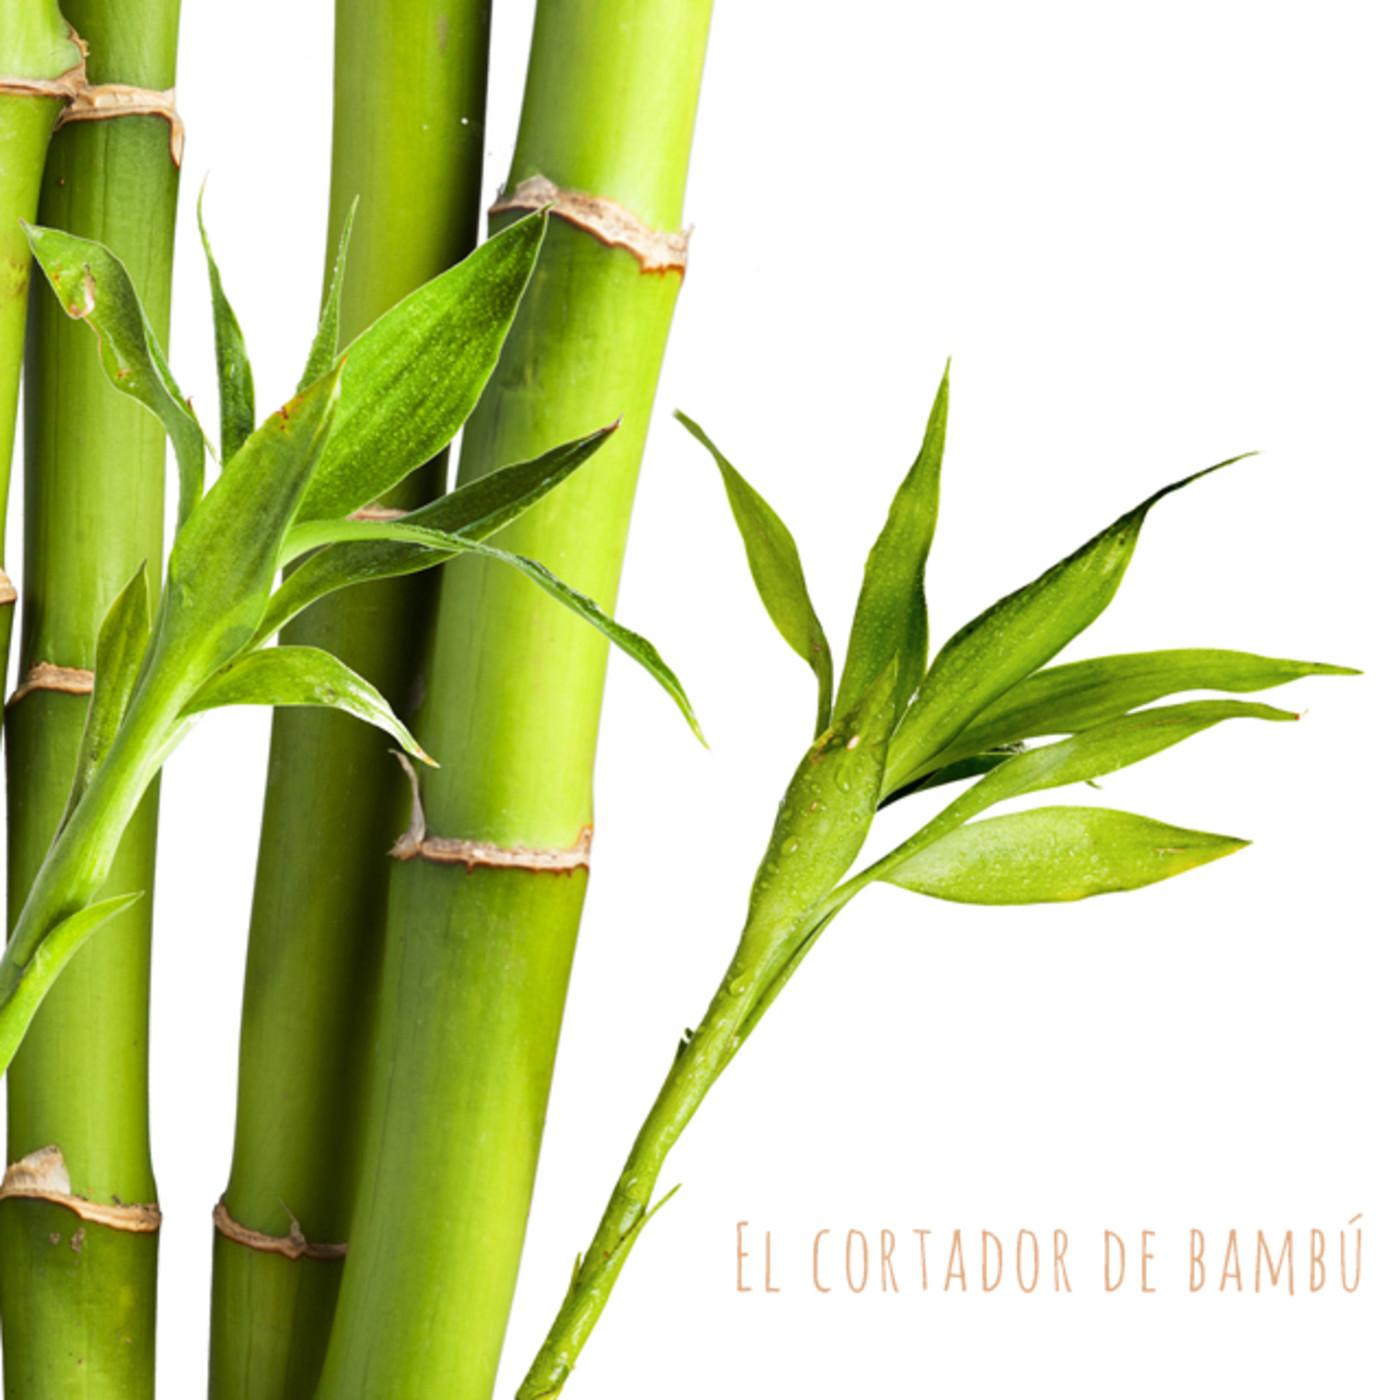 El cortador de bambú. Cuento tradicional japonés. Anónimo